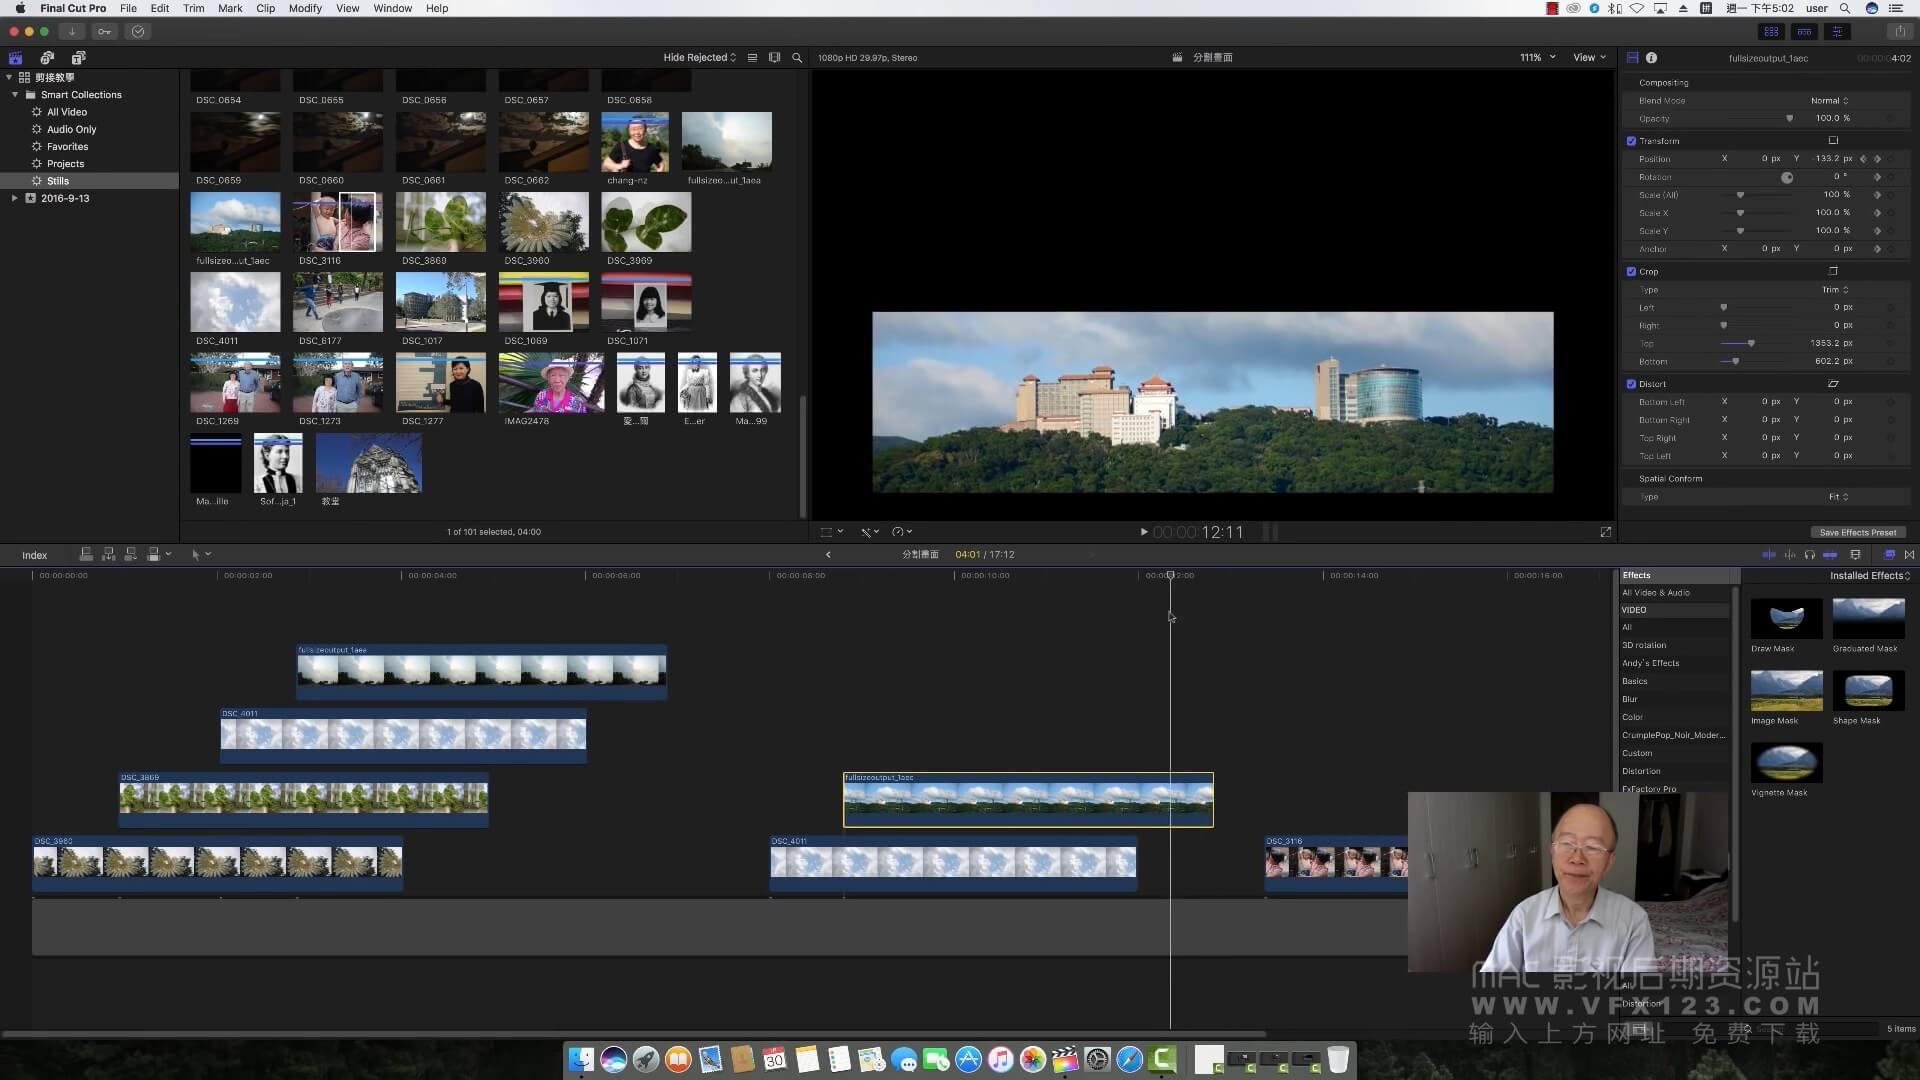 第47课: Final Cut Pro X中制作分屏效果